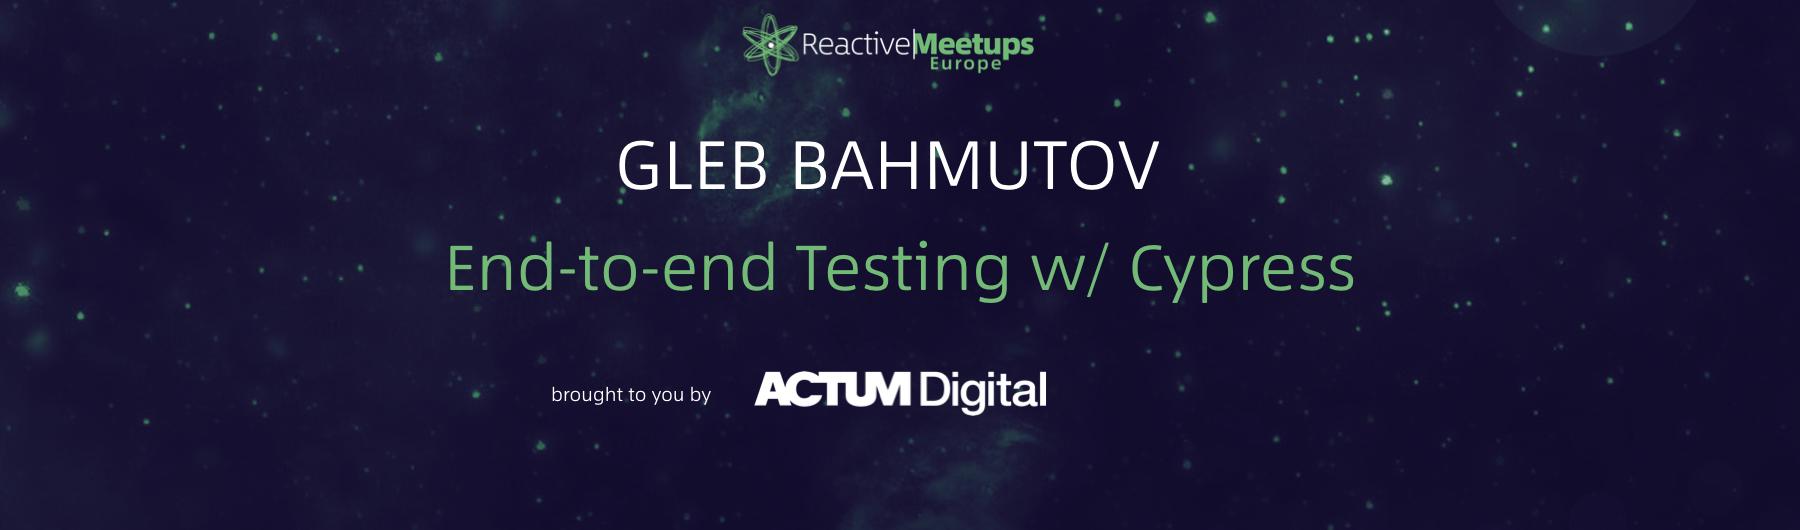 ReactiveMeetups Prague | Gleb Bahmutov